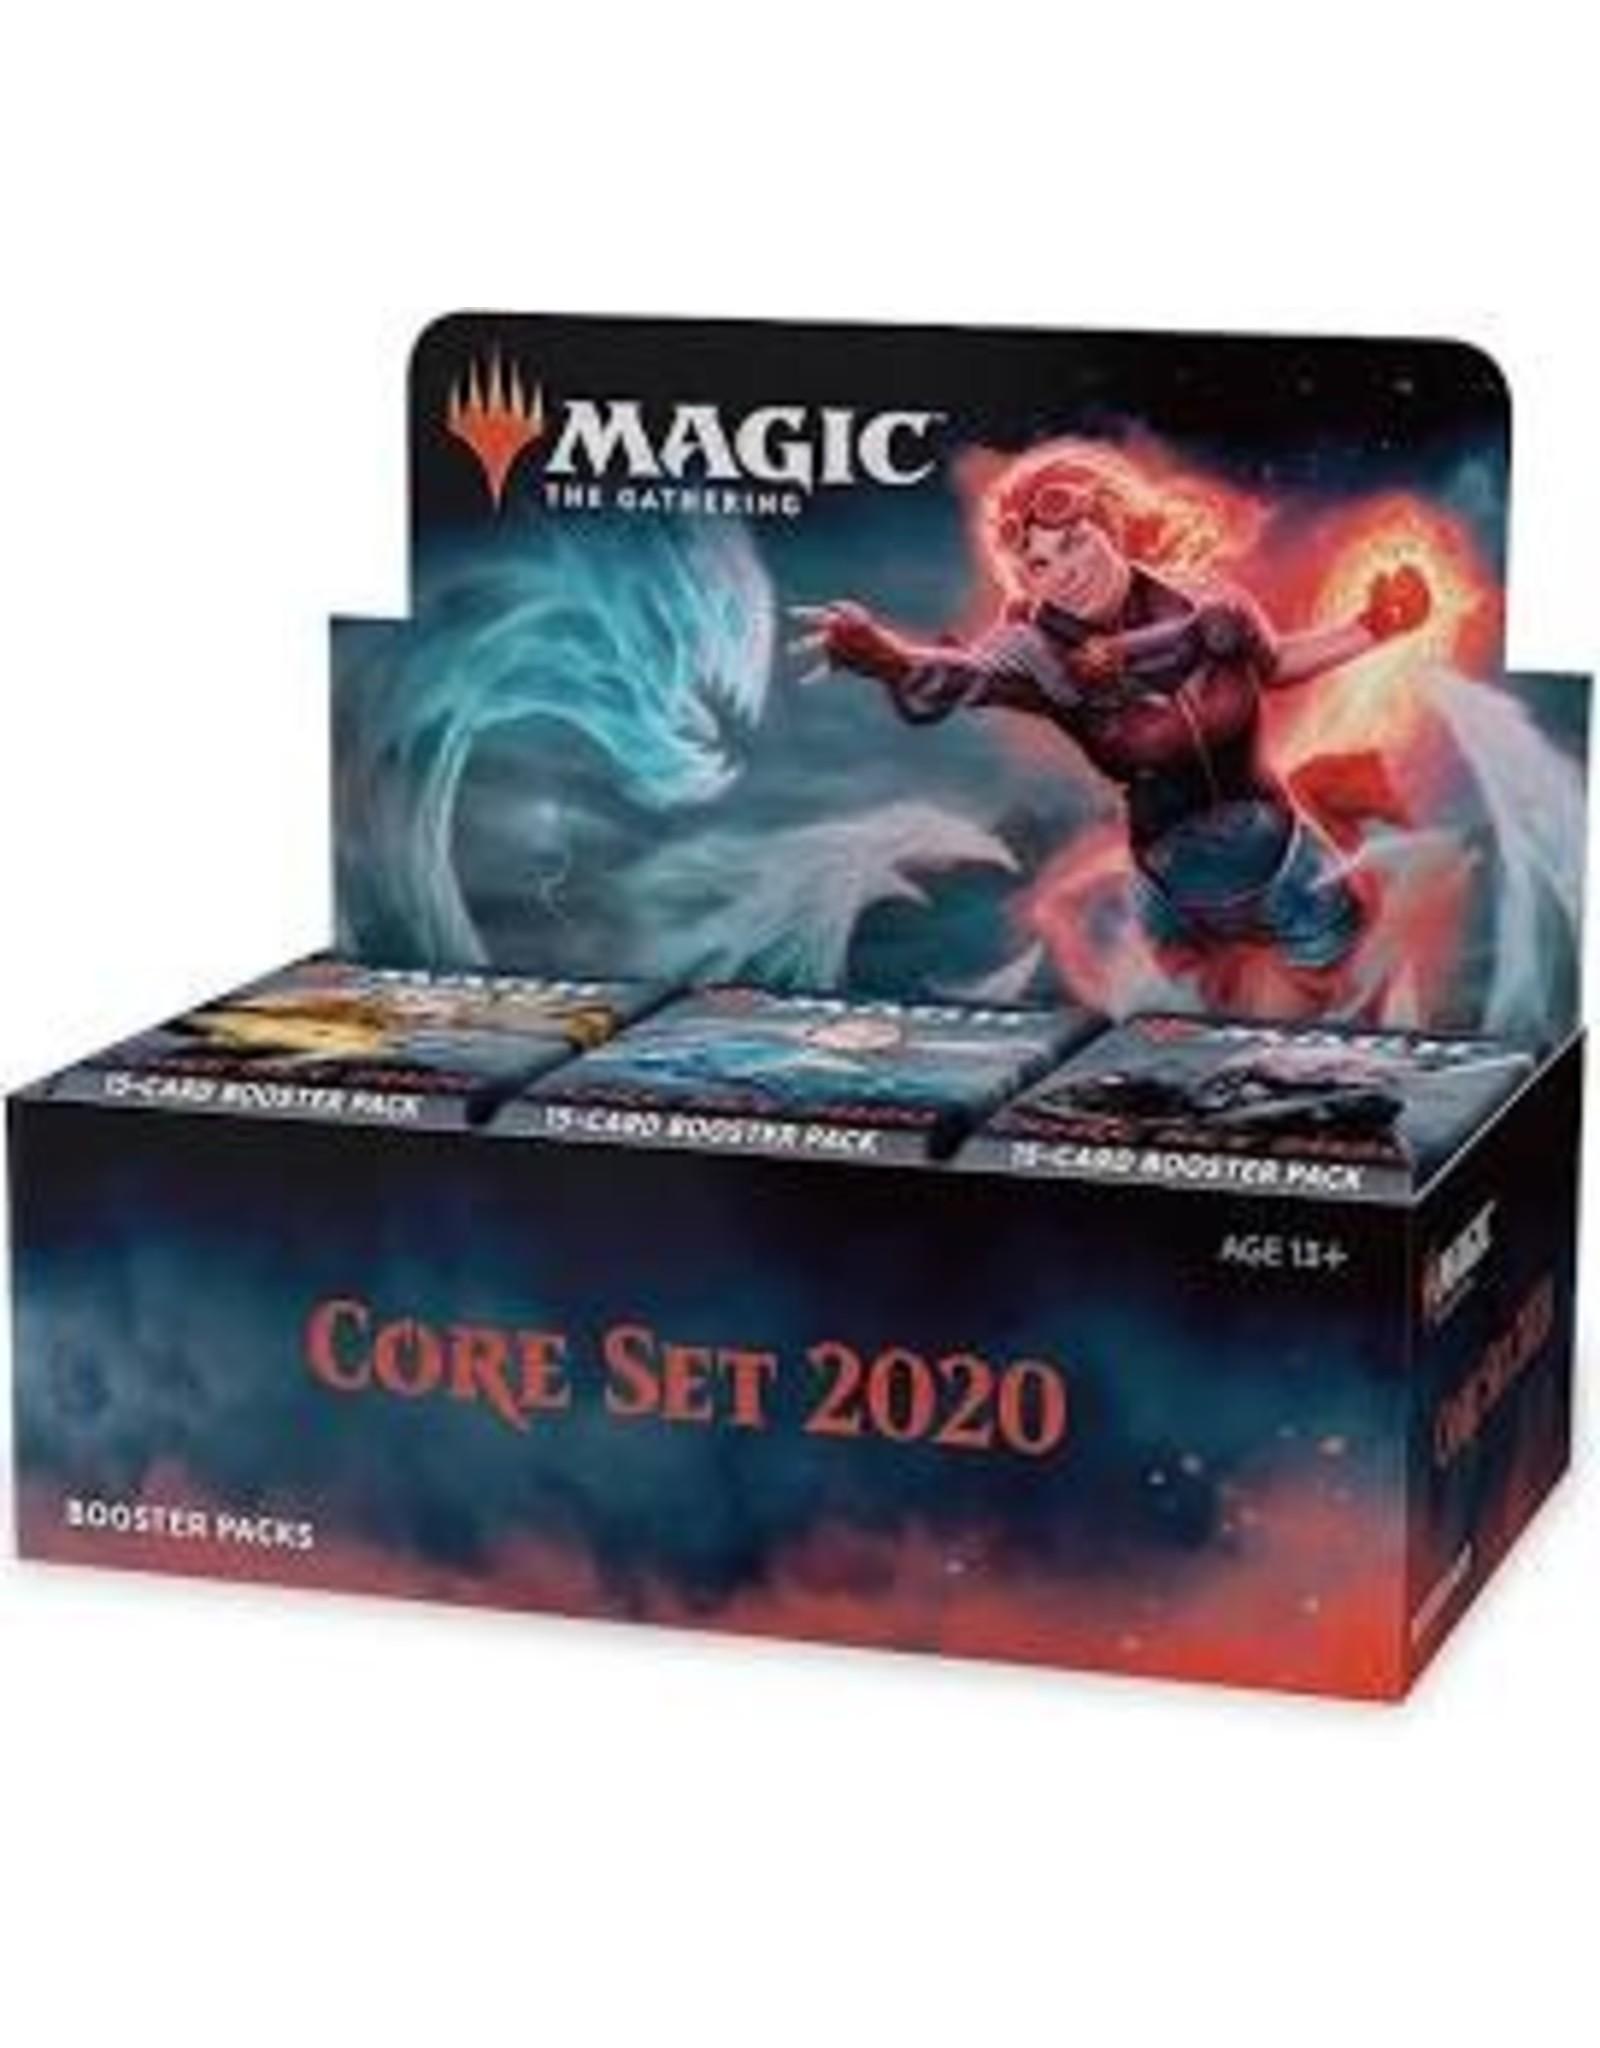 Magic MTG: Core Set 2020 Booster Display